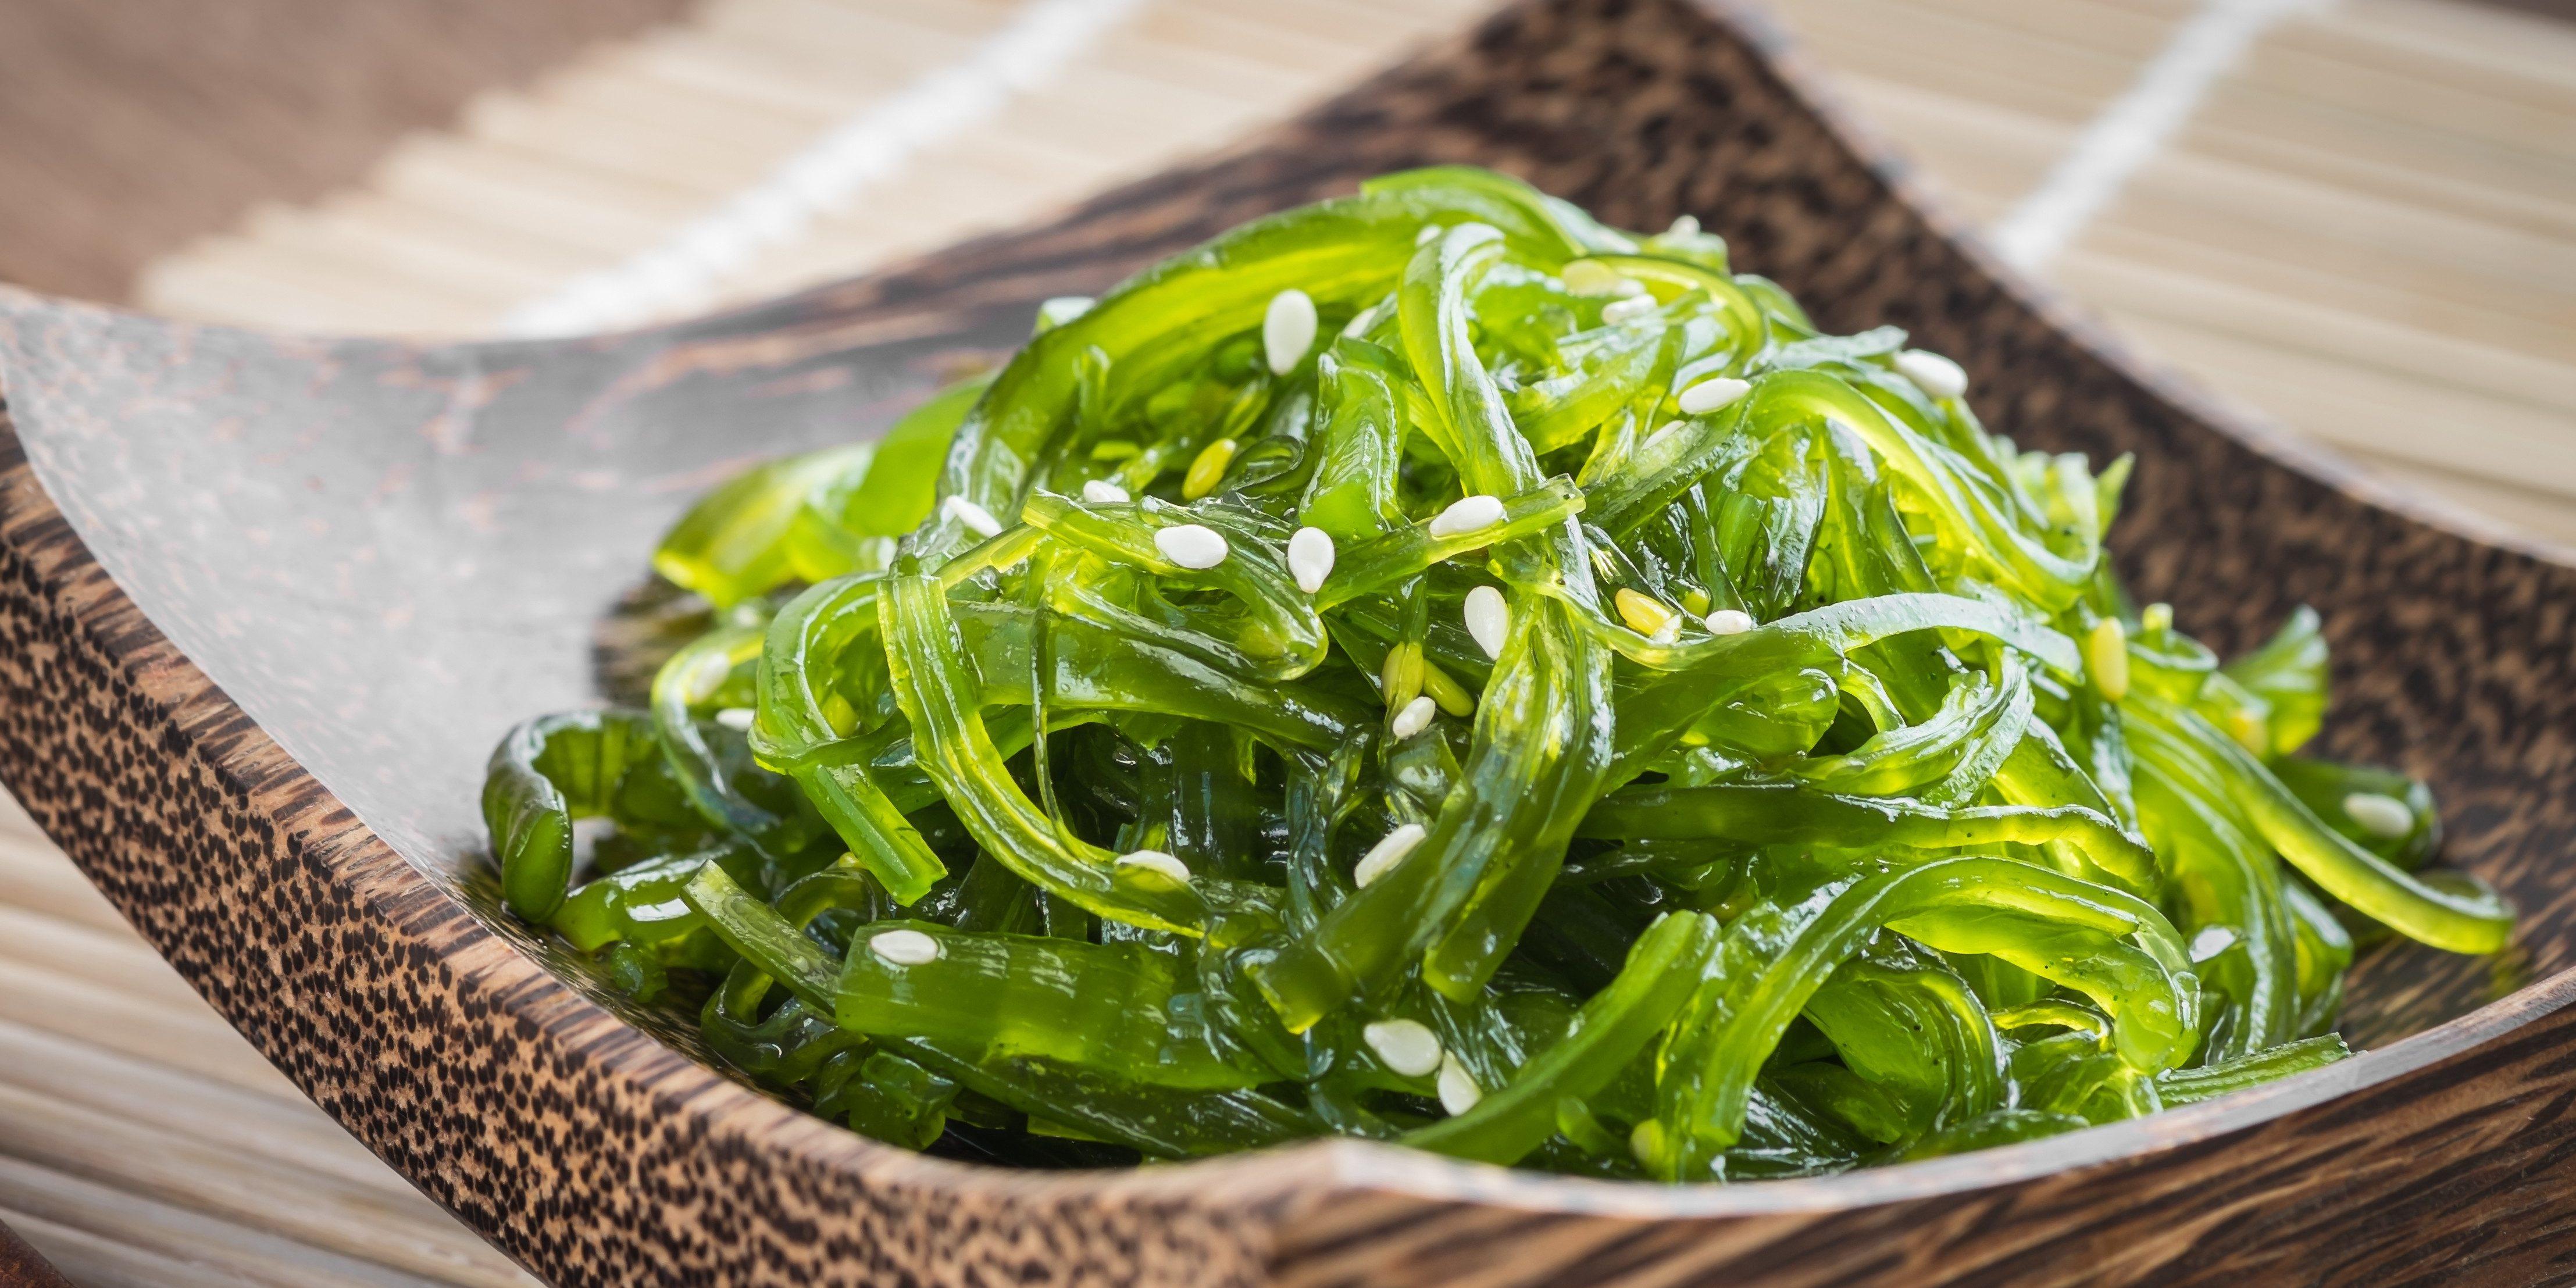 seaweed-salad-on-wooden-plate-japanese-cuisine